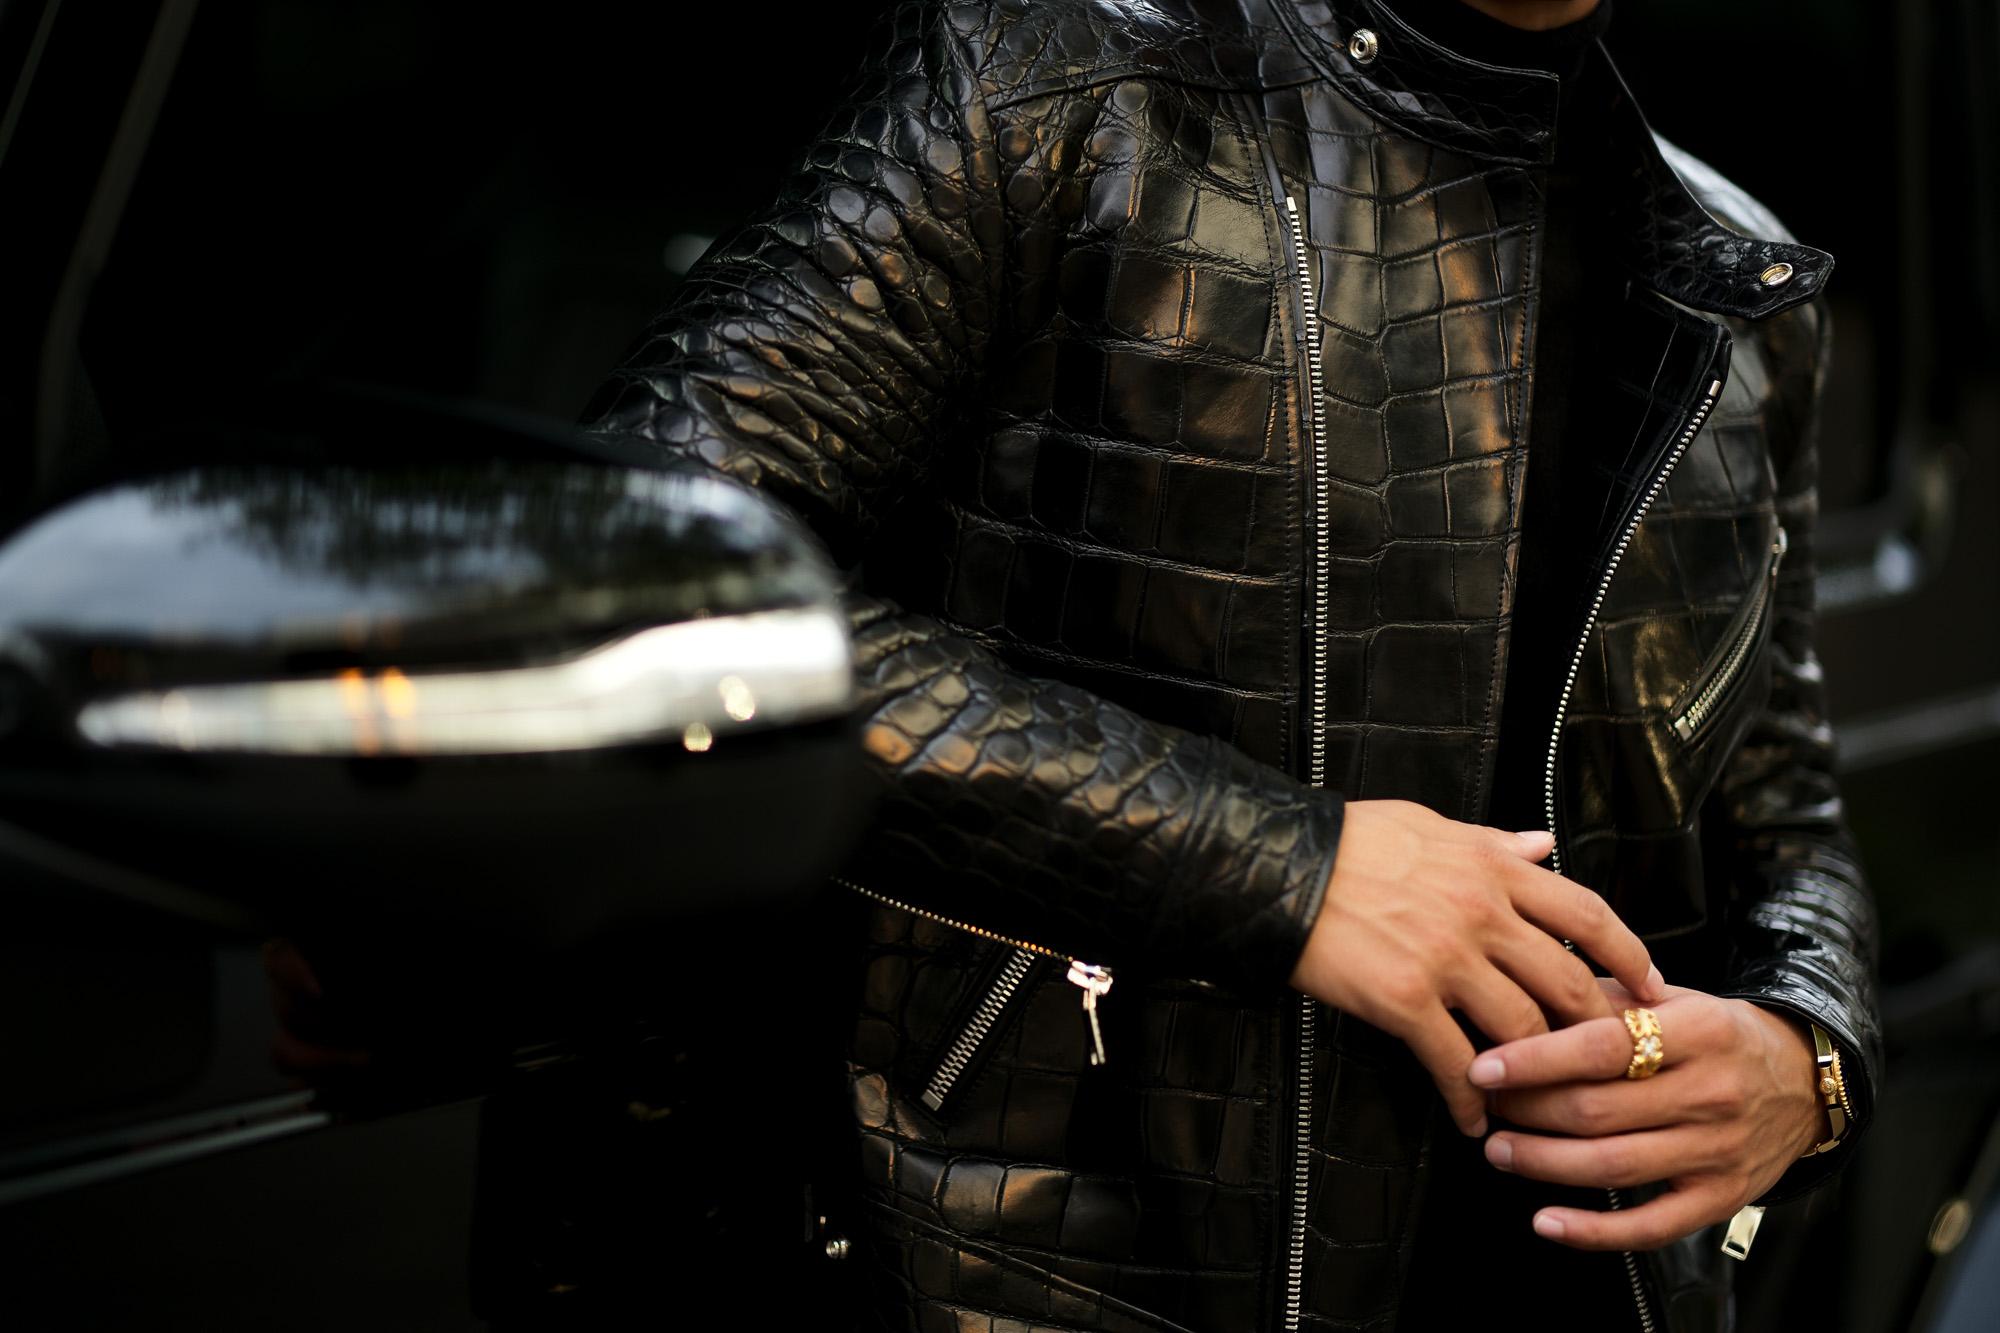 FIXER(フィクサー) F1 CROCODILE(エフワン クロコダイル) DOUBLE RIDERS Crocodile クロコダイル エキゾチックレザー ダブルライダース ジャケット BLACK(ブラック) 【Special Special Special Model】愛知 名古屋 Alto e Diritto アルトエデリット